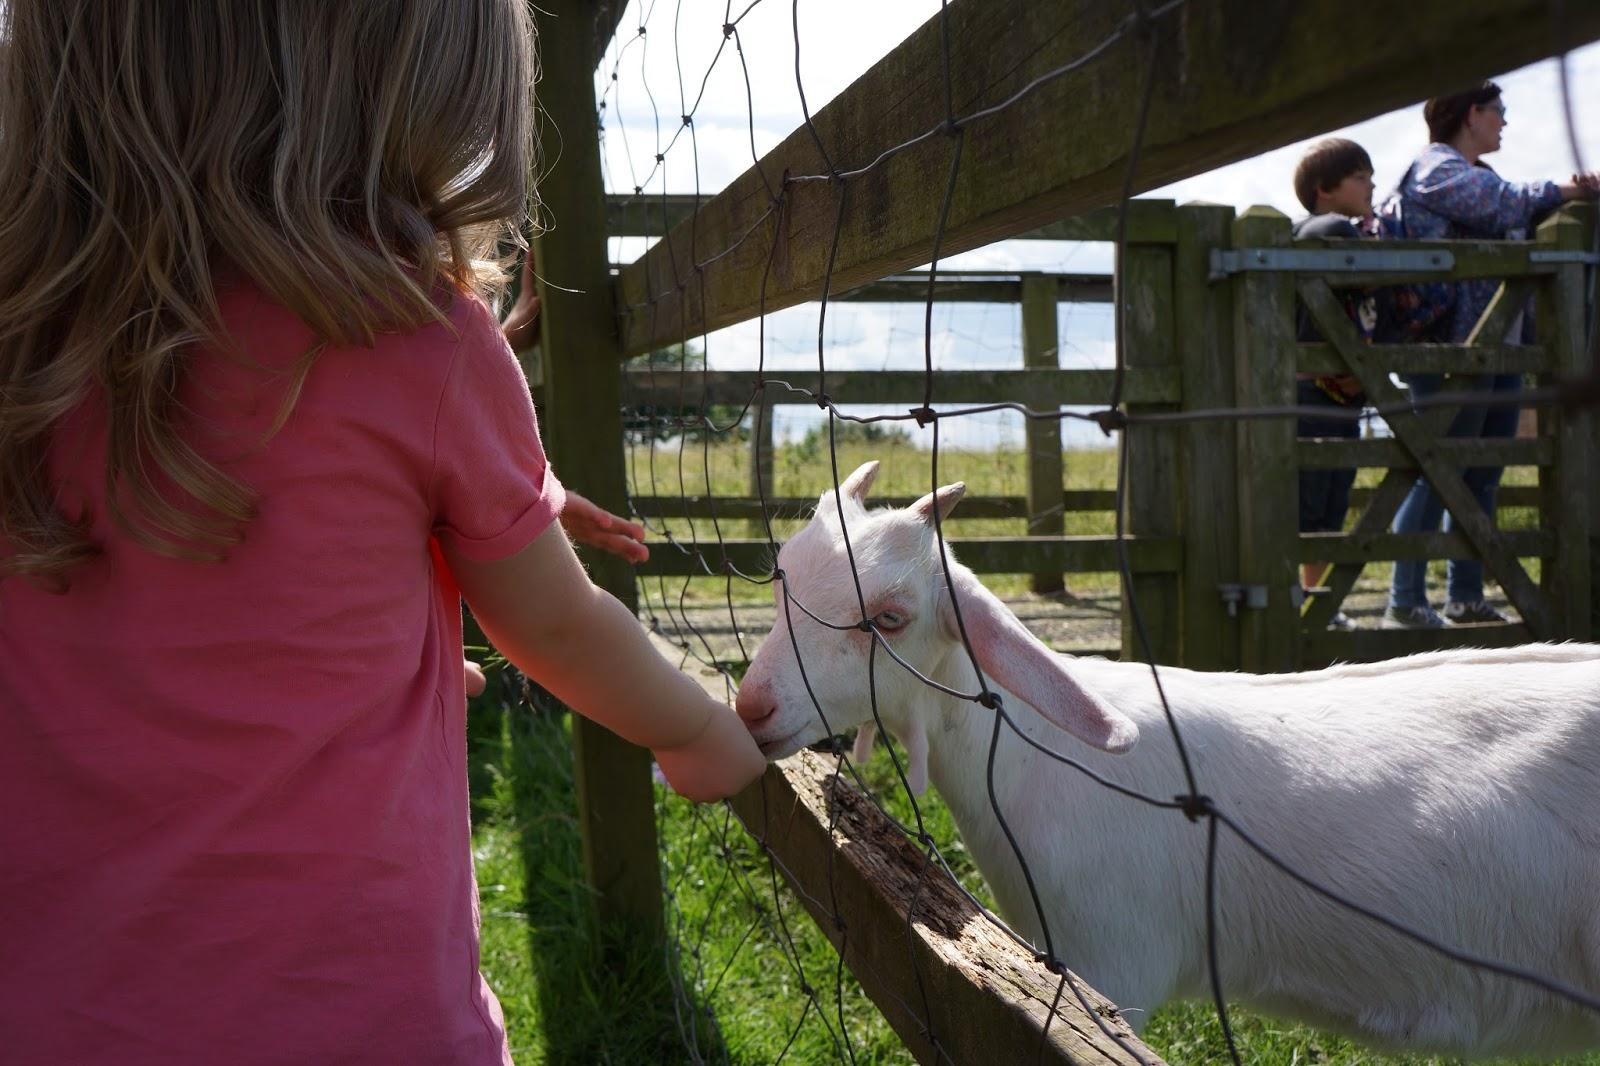 toddler girl feeding a goat